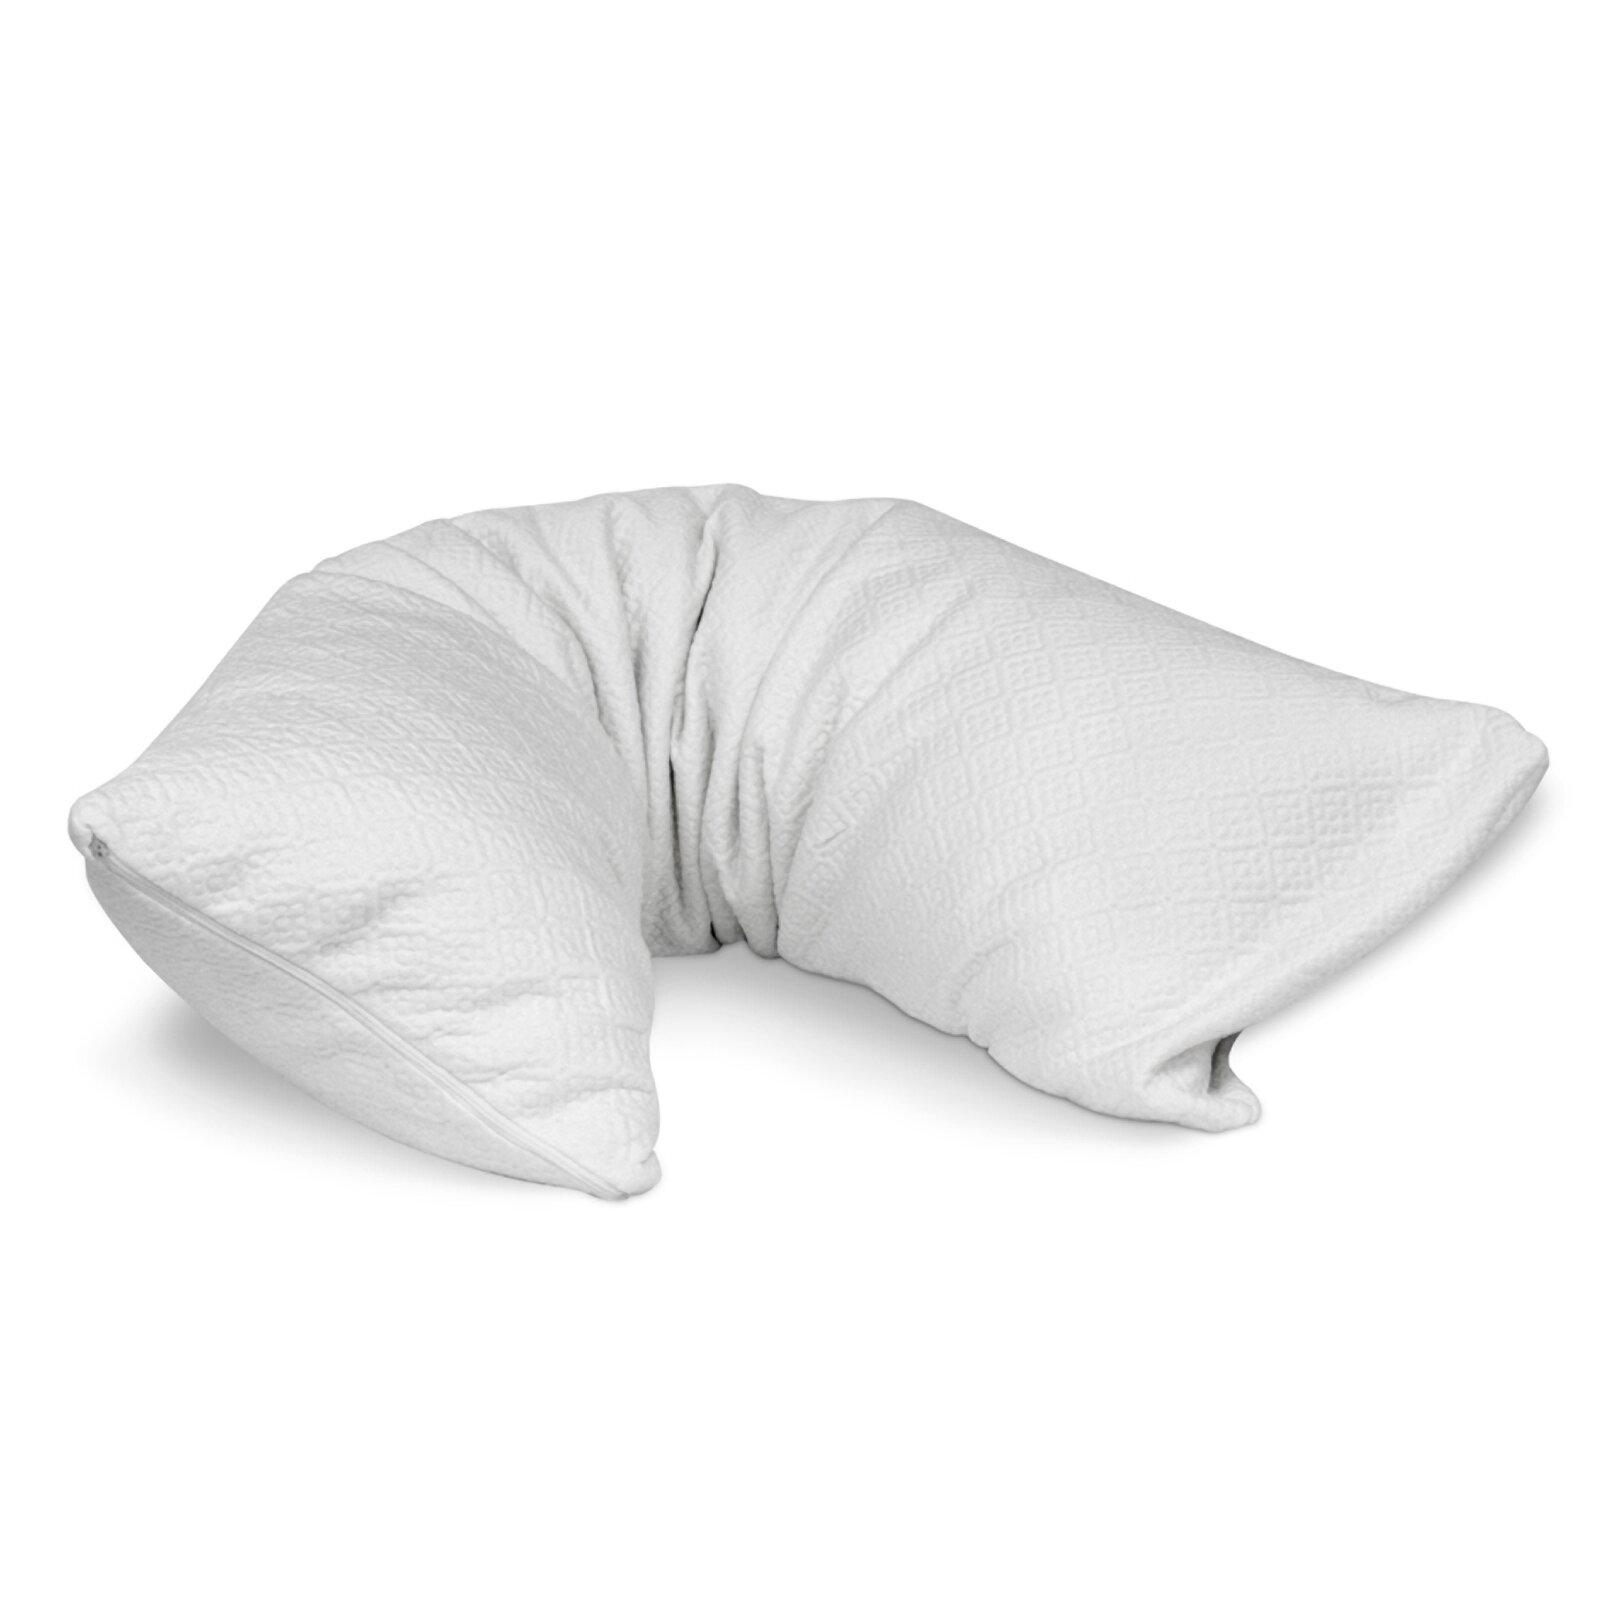 Pure Rest Memory Foam Standard Pillow Amp Reviews Wayfair